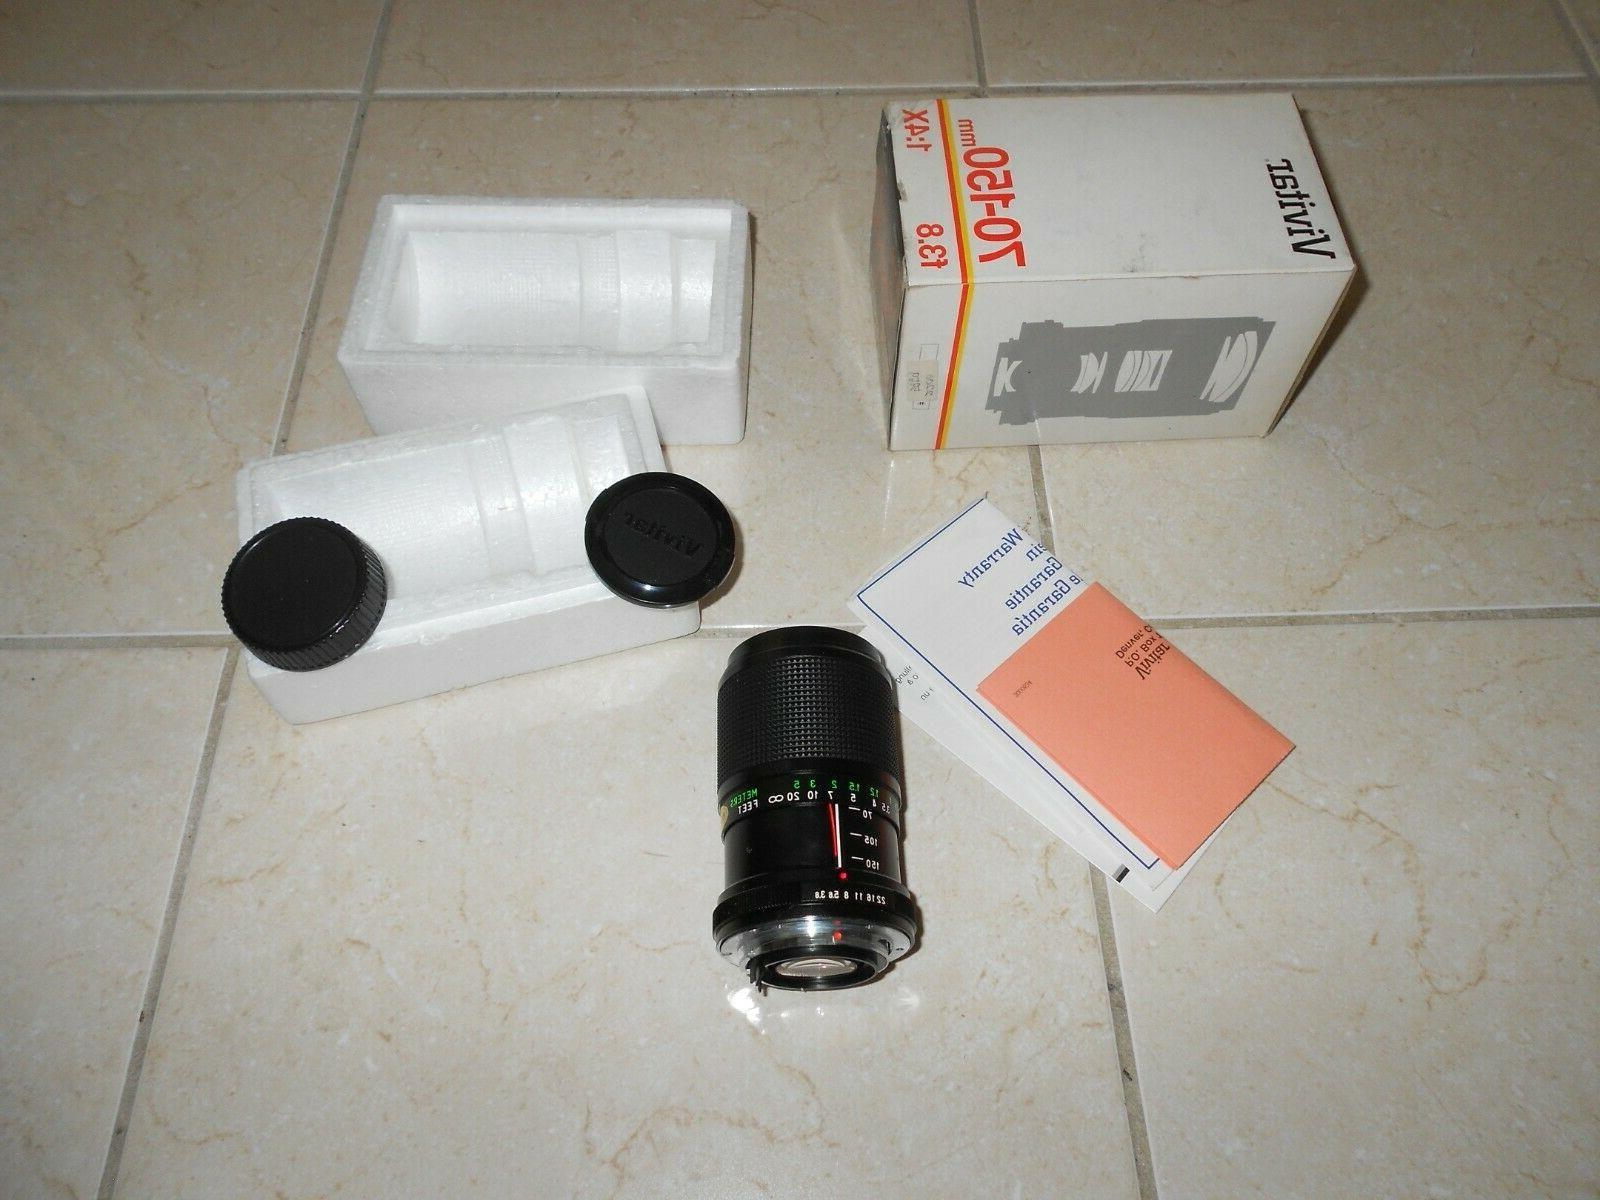 camera lens 70 150 mm f 3